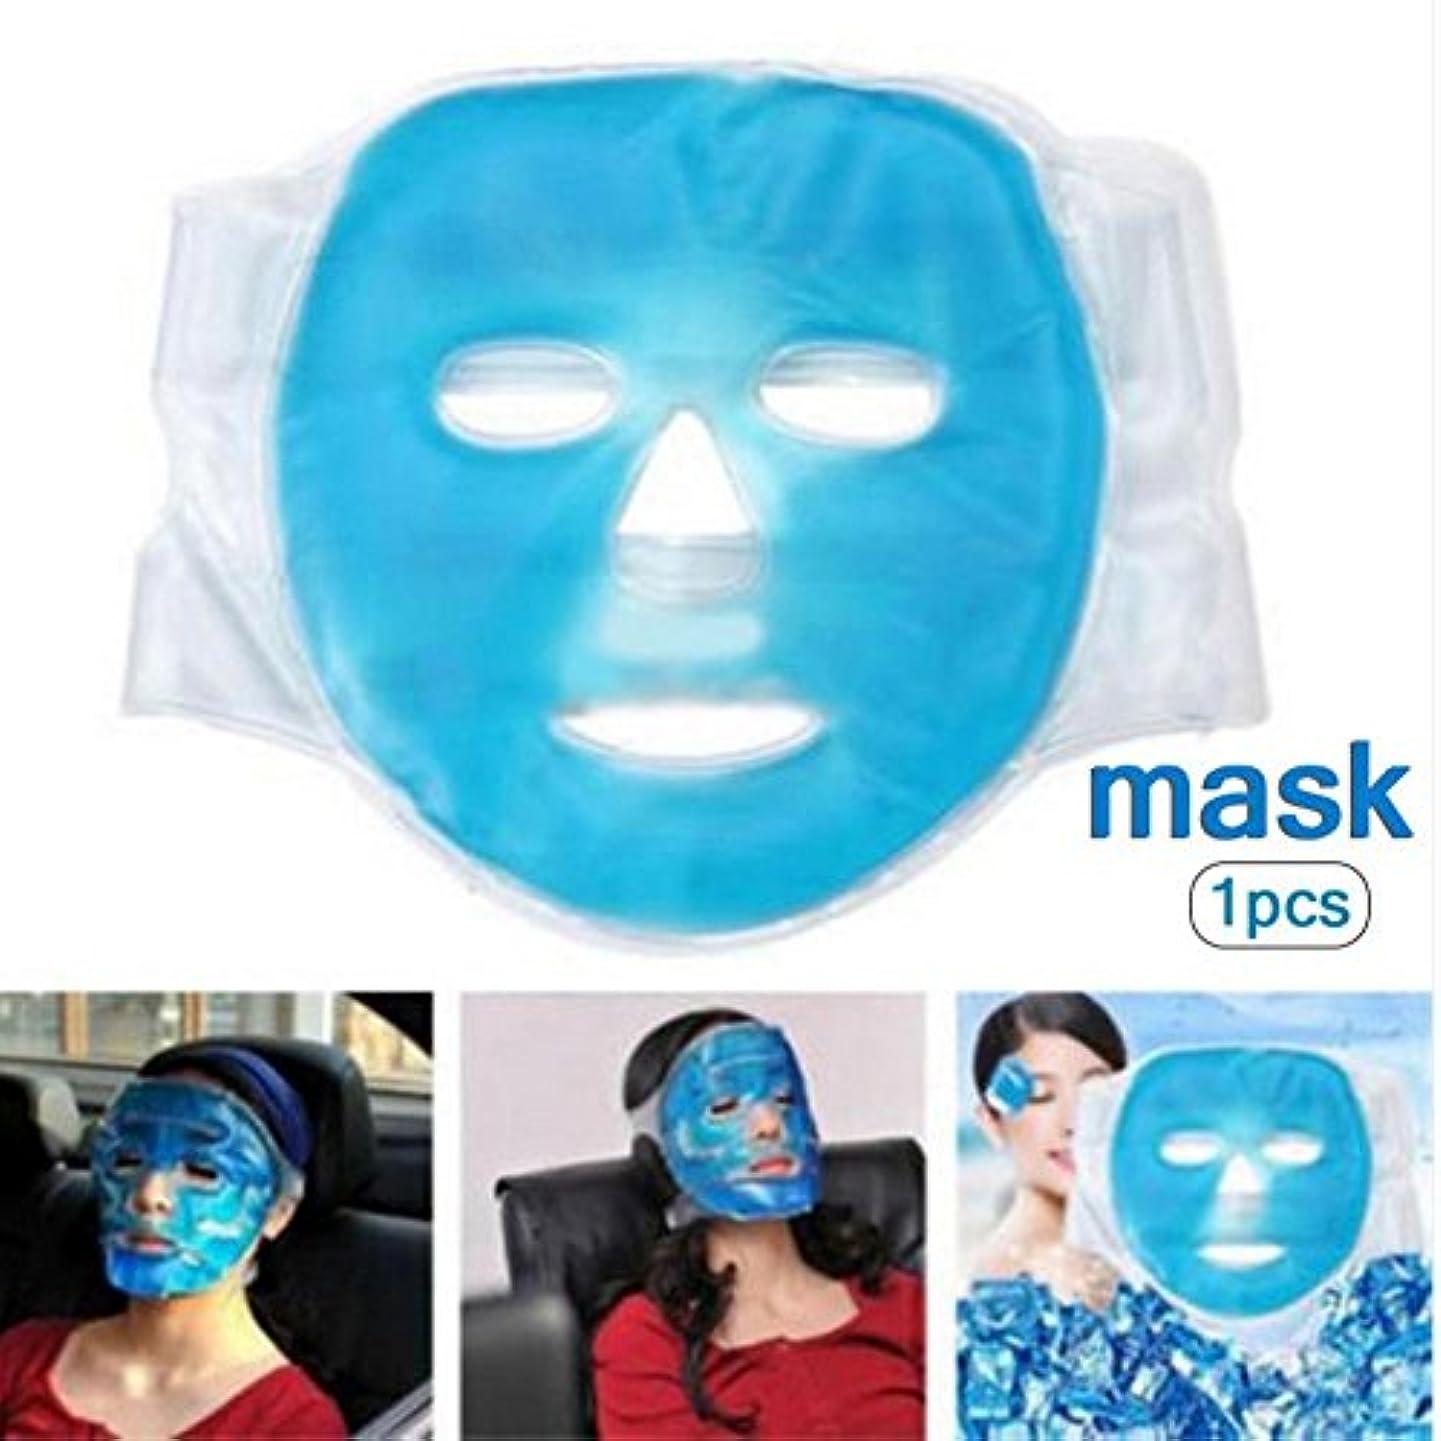 スポーツ頑丈静かなSILUN フェイスマスク 冷温兼用 美容用 再利用可能 毛細血管収縮 肌ケア 保湿 吸収しやすい 美容マッサージ アイスマスク